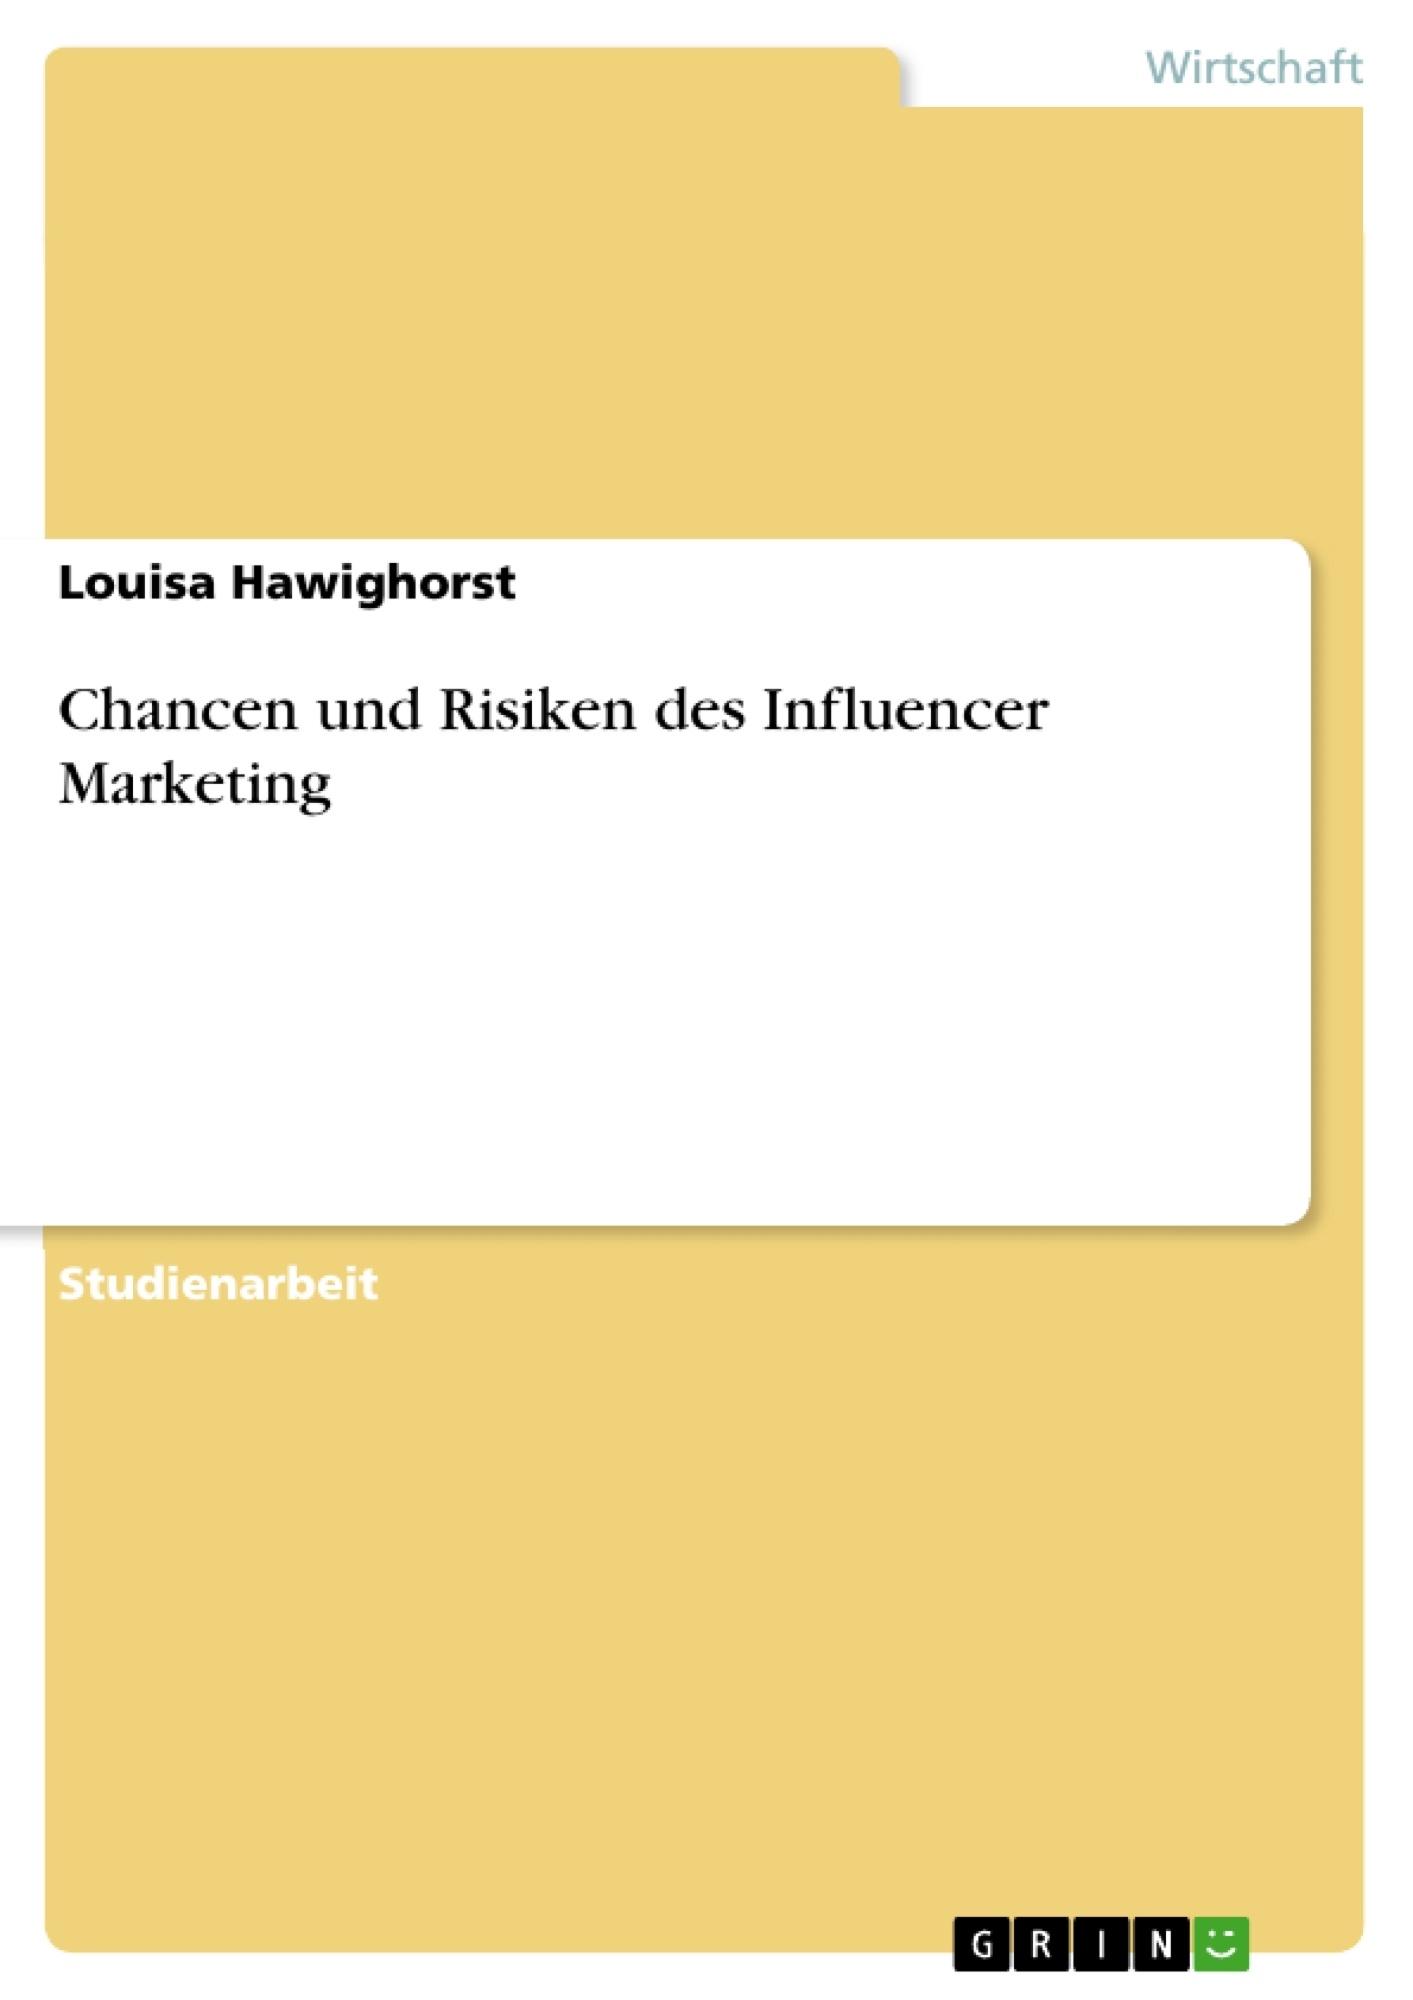 Titel: Chancen und Risiken des Influencer Marketing